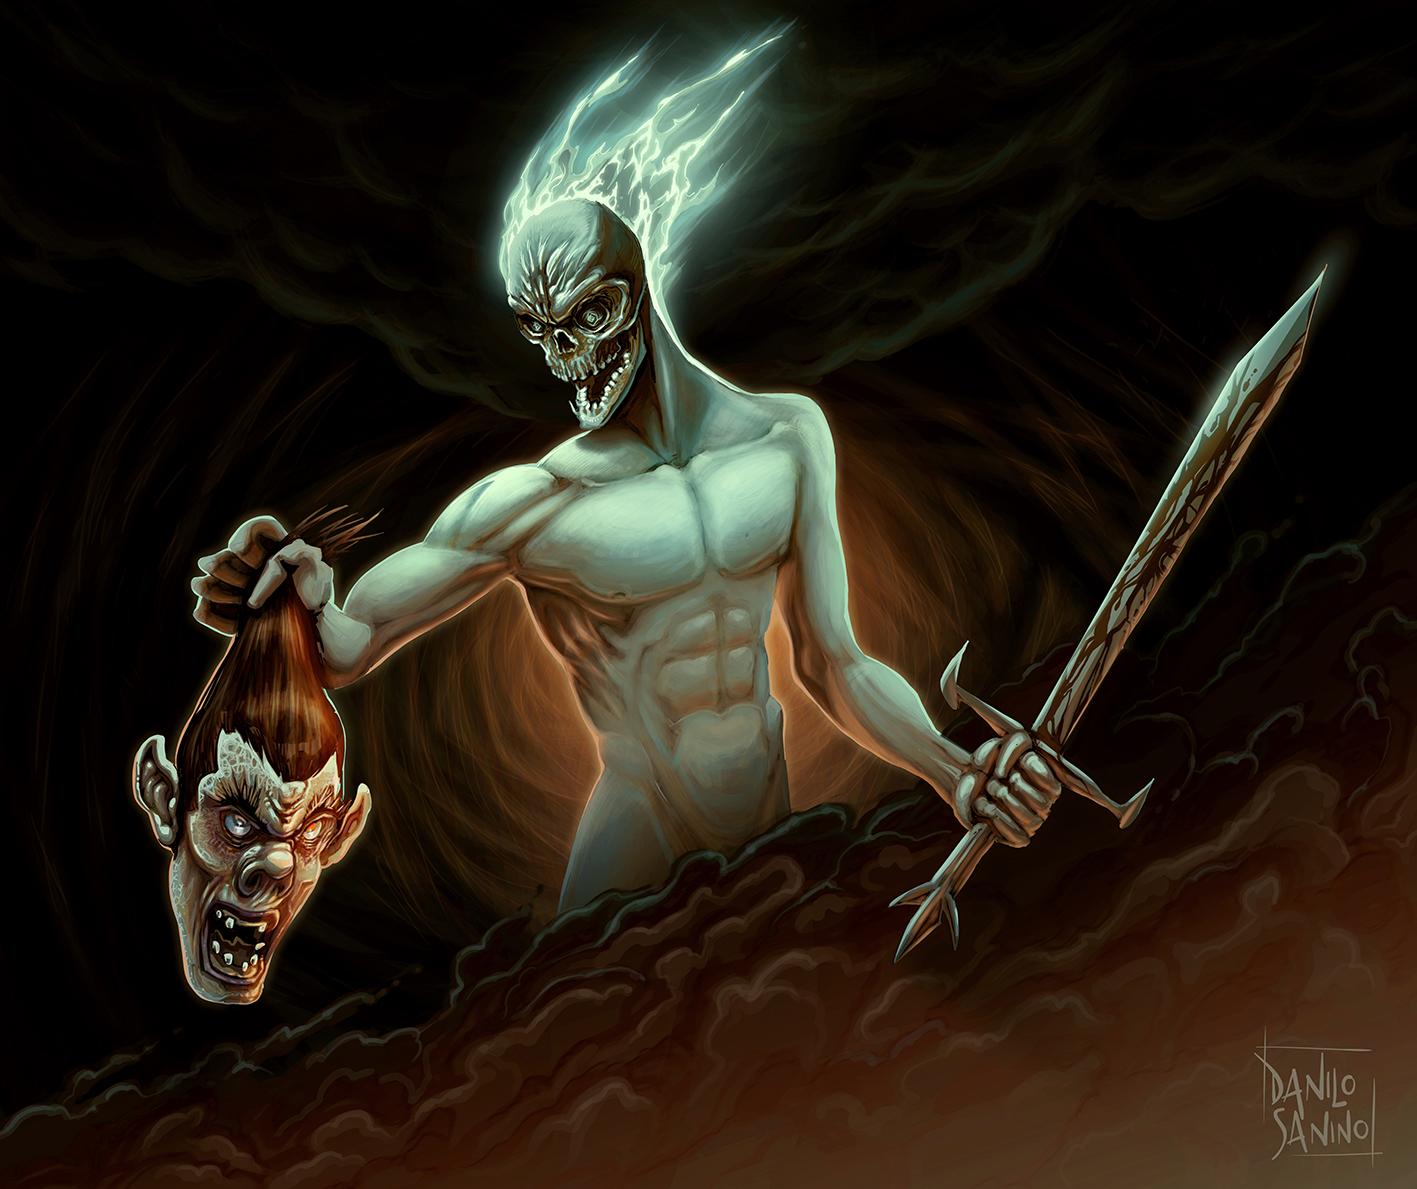 Battle between demon and ogre